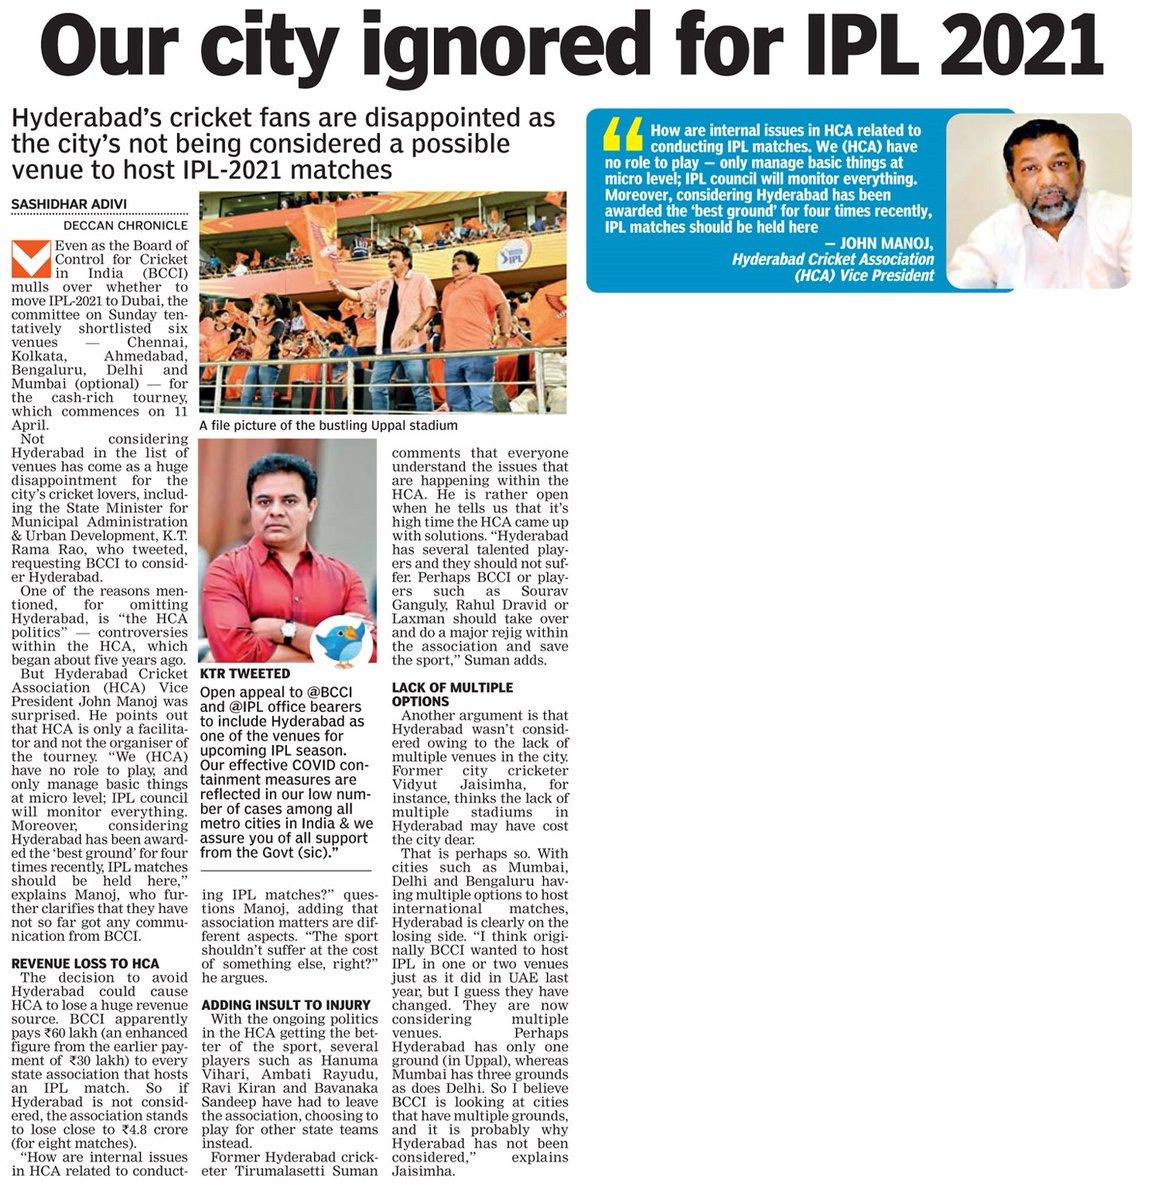 . #Hyderabad ignored for #IPL2021 ?   @DeccanChronicle @KTRTRS @MinisterKTR #IPL #IPL2021Auction #KTR #cricketnews #cricketground